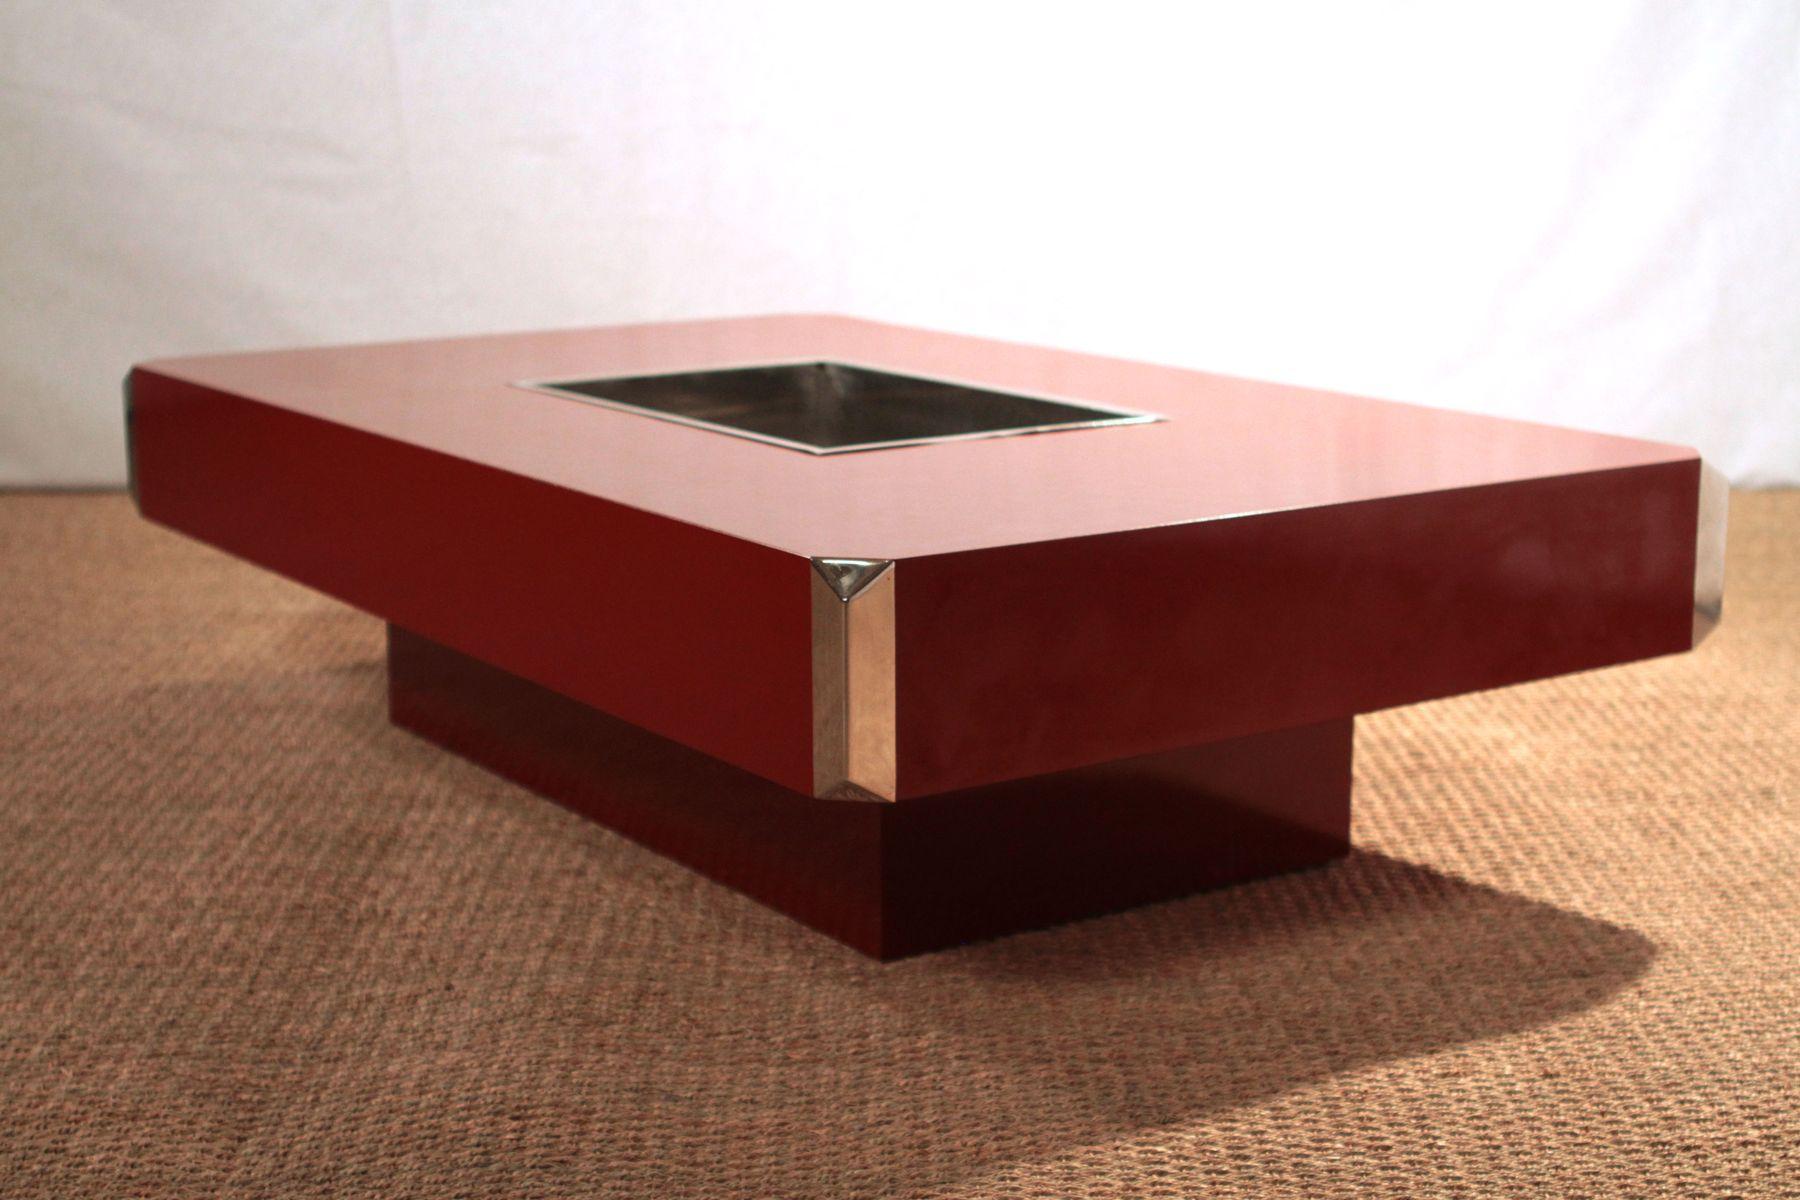 table basse vintage rouge par willy rizzo pour mario sabot en vente sur pamono. Black Bedroom Furniture Sets. Home Design Ideas